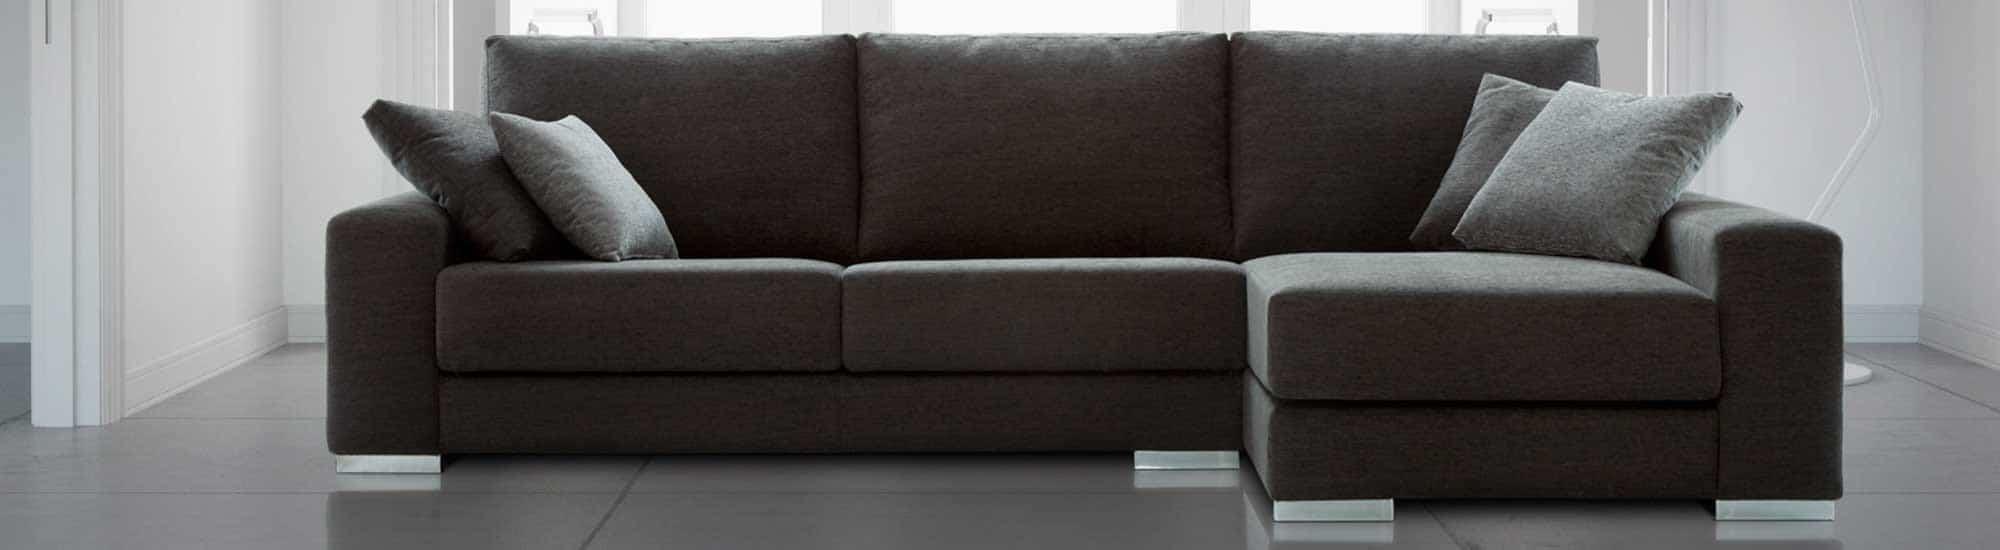 f brica sof s fabrica de sofas en valencia fabricantes